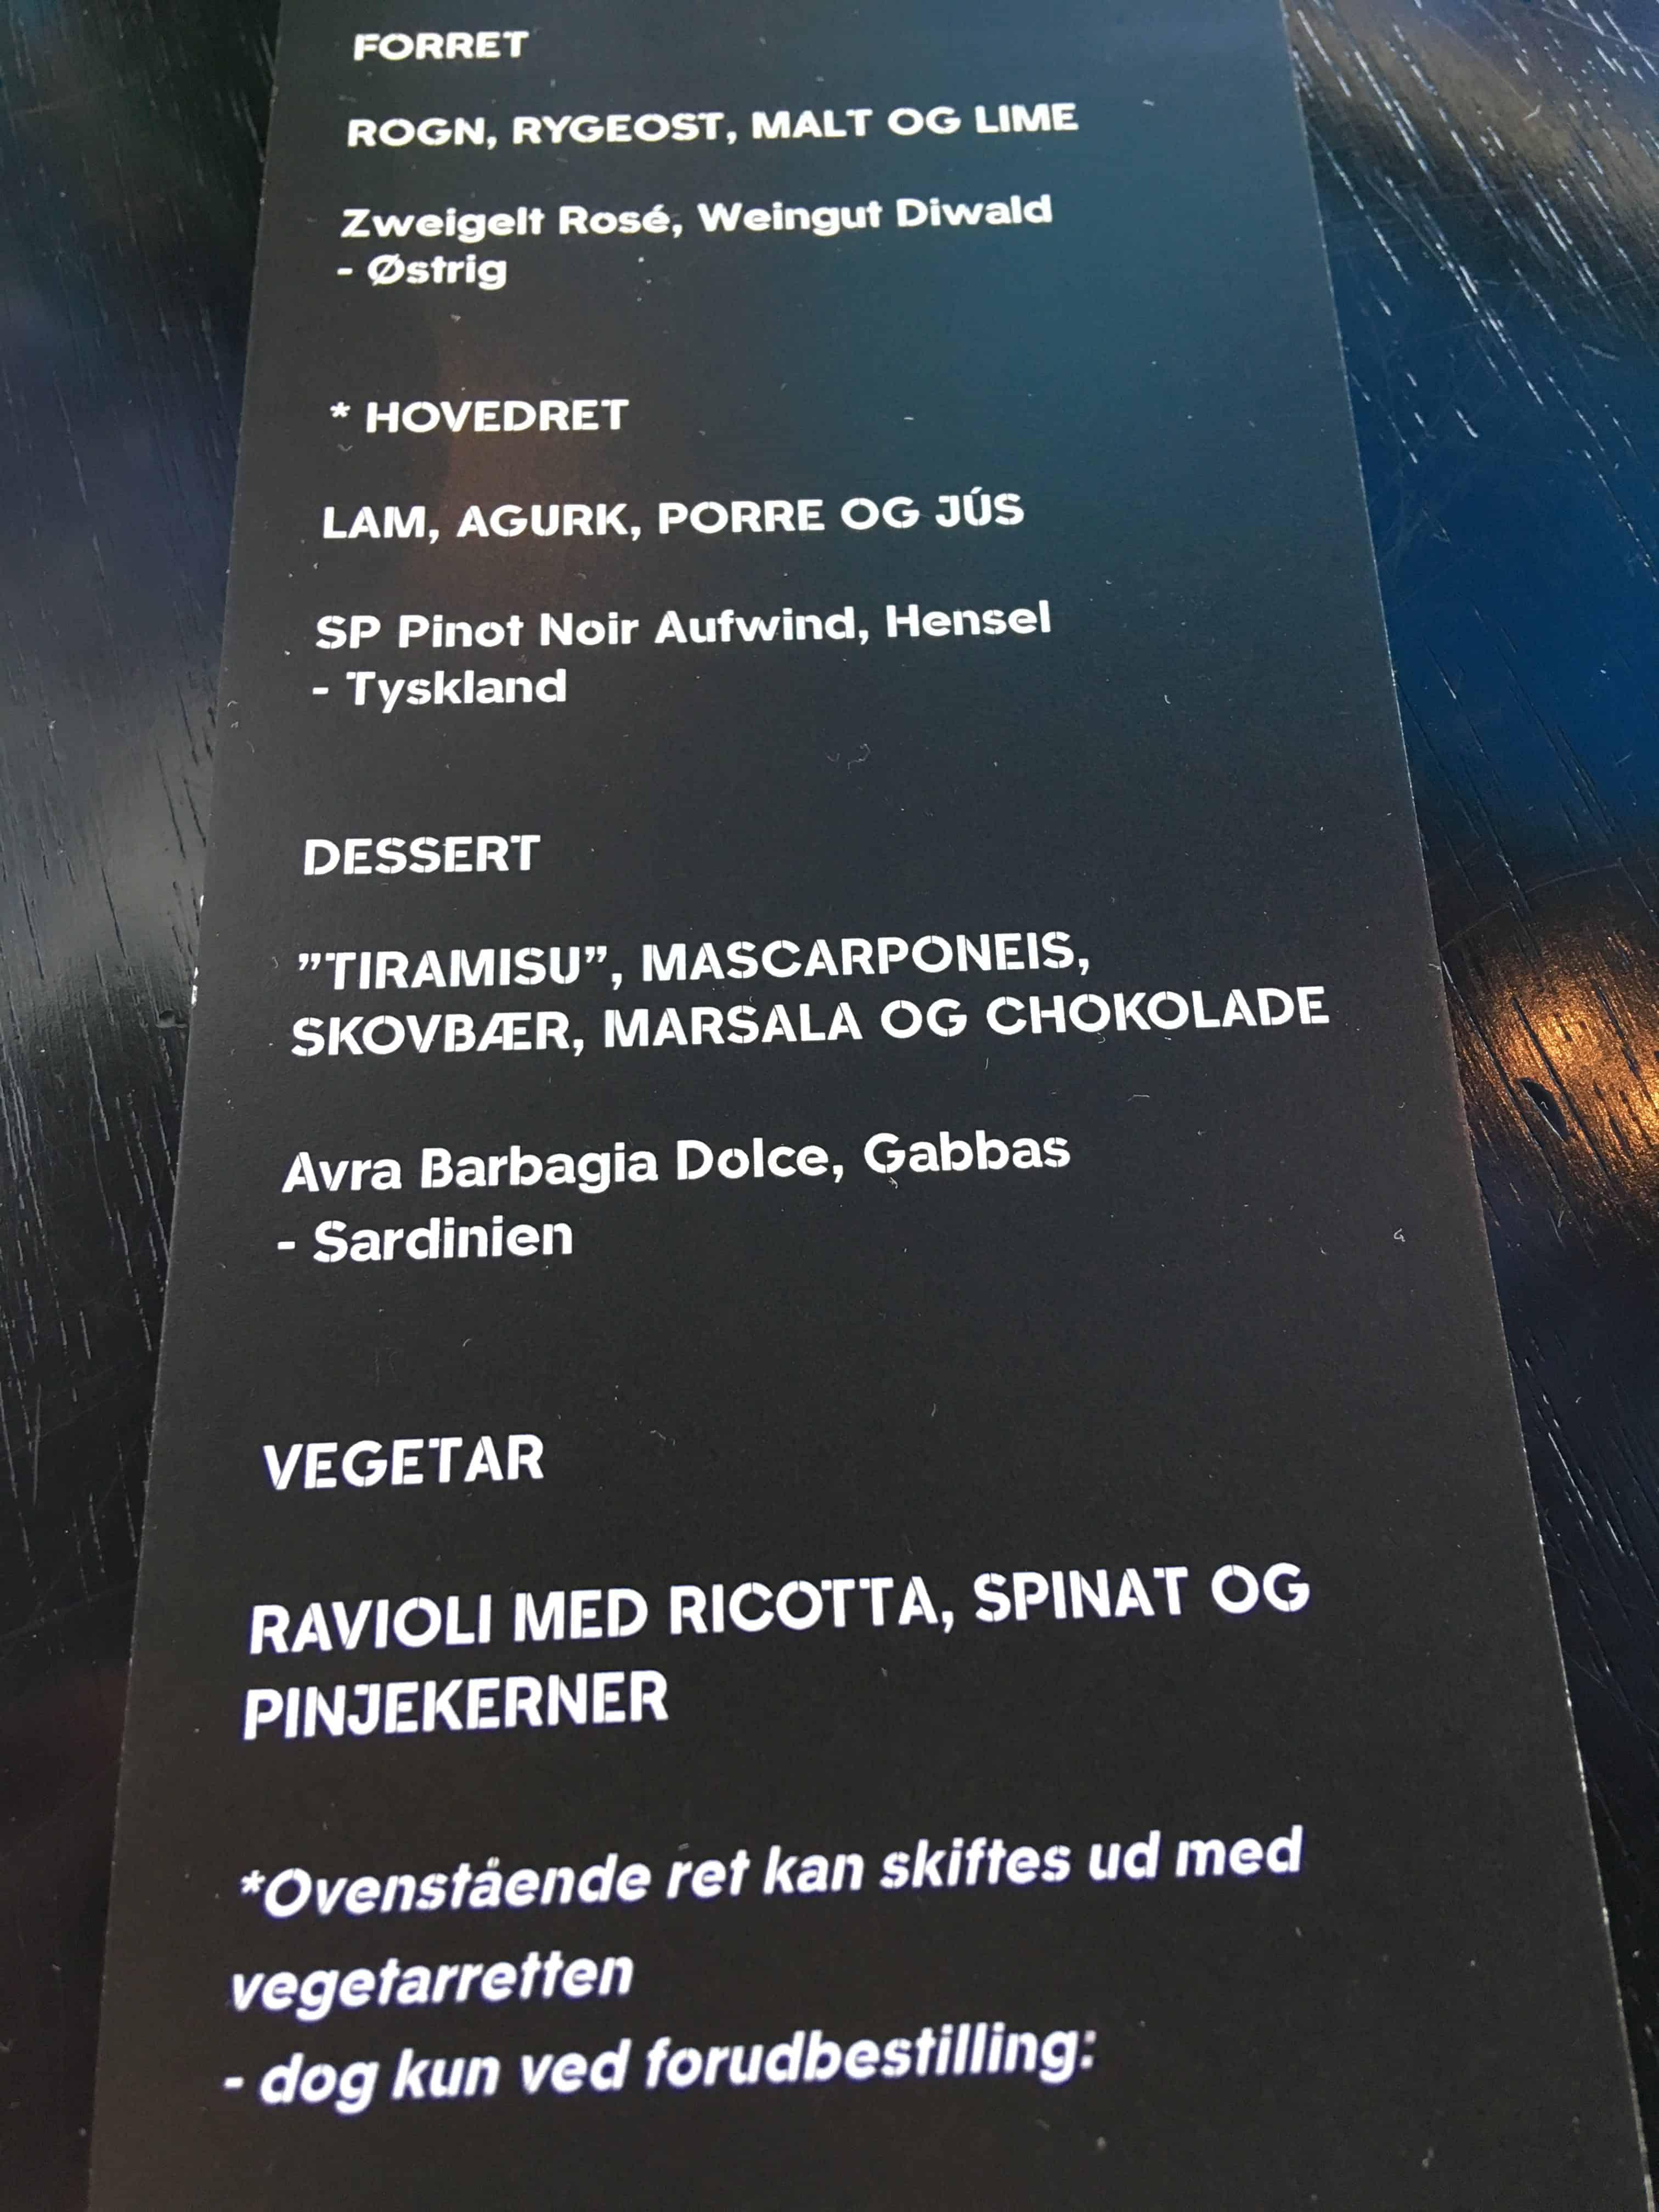 Menuen i restauranten – vi fik hovedretten og desserten